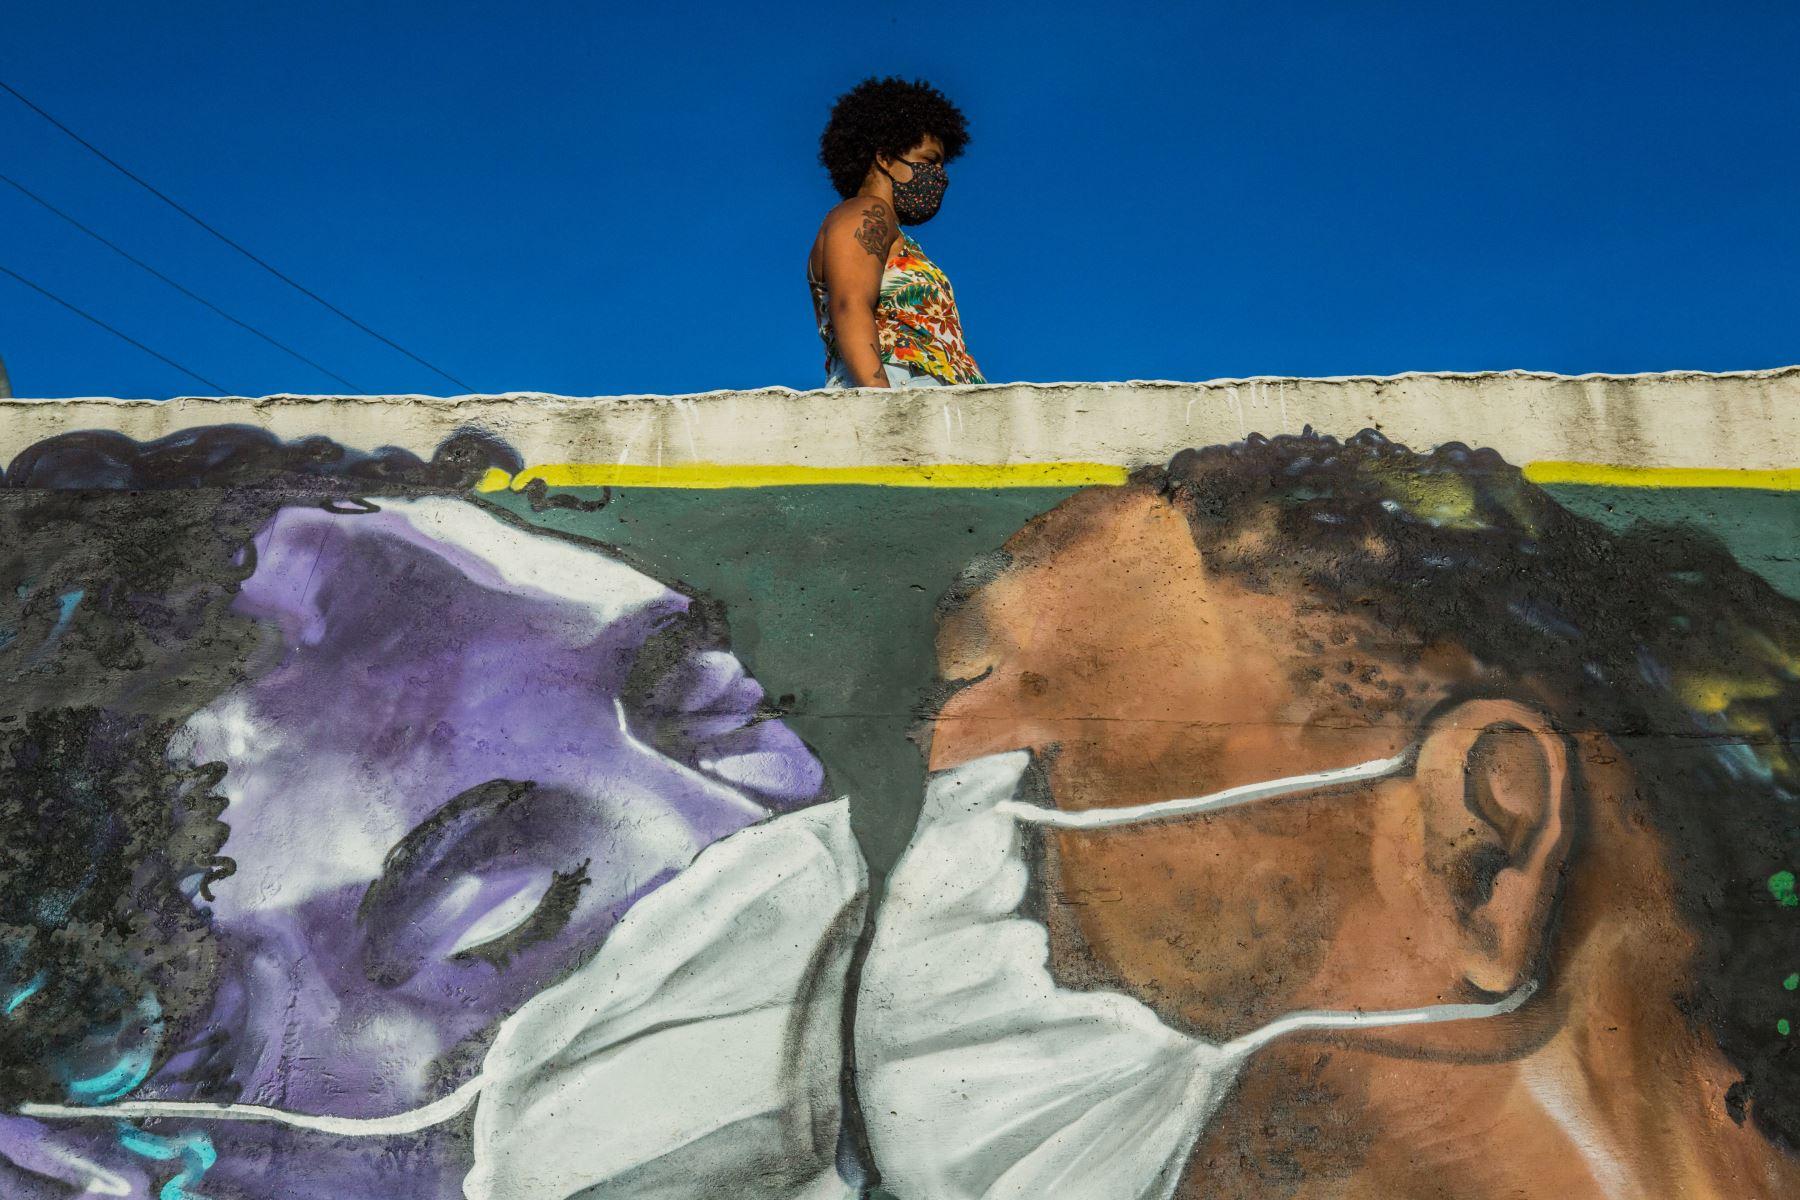 Una mujer con una máscara facial se encuentra sobre un graffiti del artista Marcos Costa, o Spray Cabuloso, en la entrada de la favela Solar de Unhao en Salvador, estado de Bahía, Brasil. Desde el comienzo de la epidemia más de 111.331.990 personas contrajeron la enfermedad. De ellas al menos 68.323.000 se recuperaron, según las autoridades. Foto: AFP